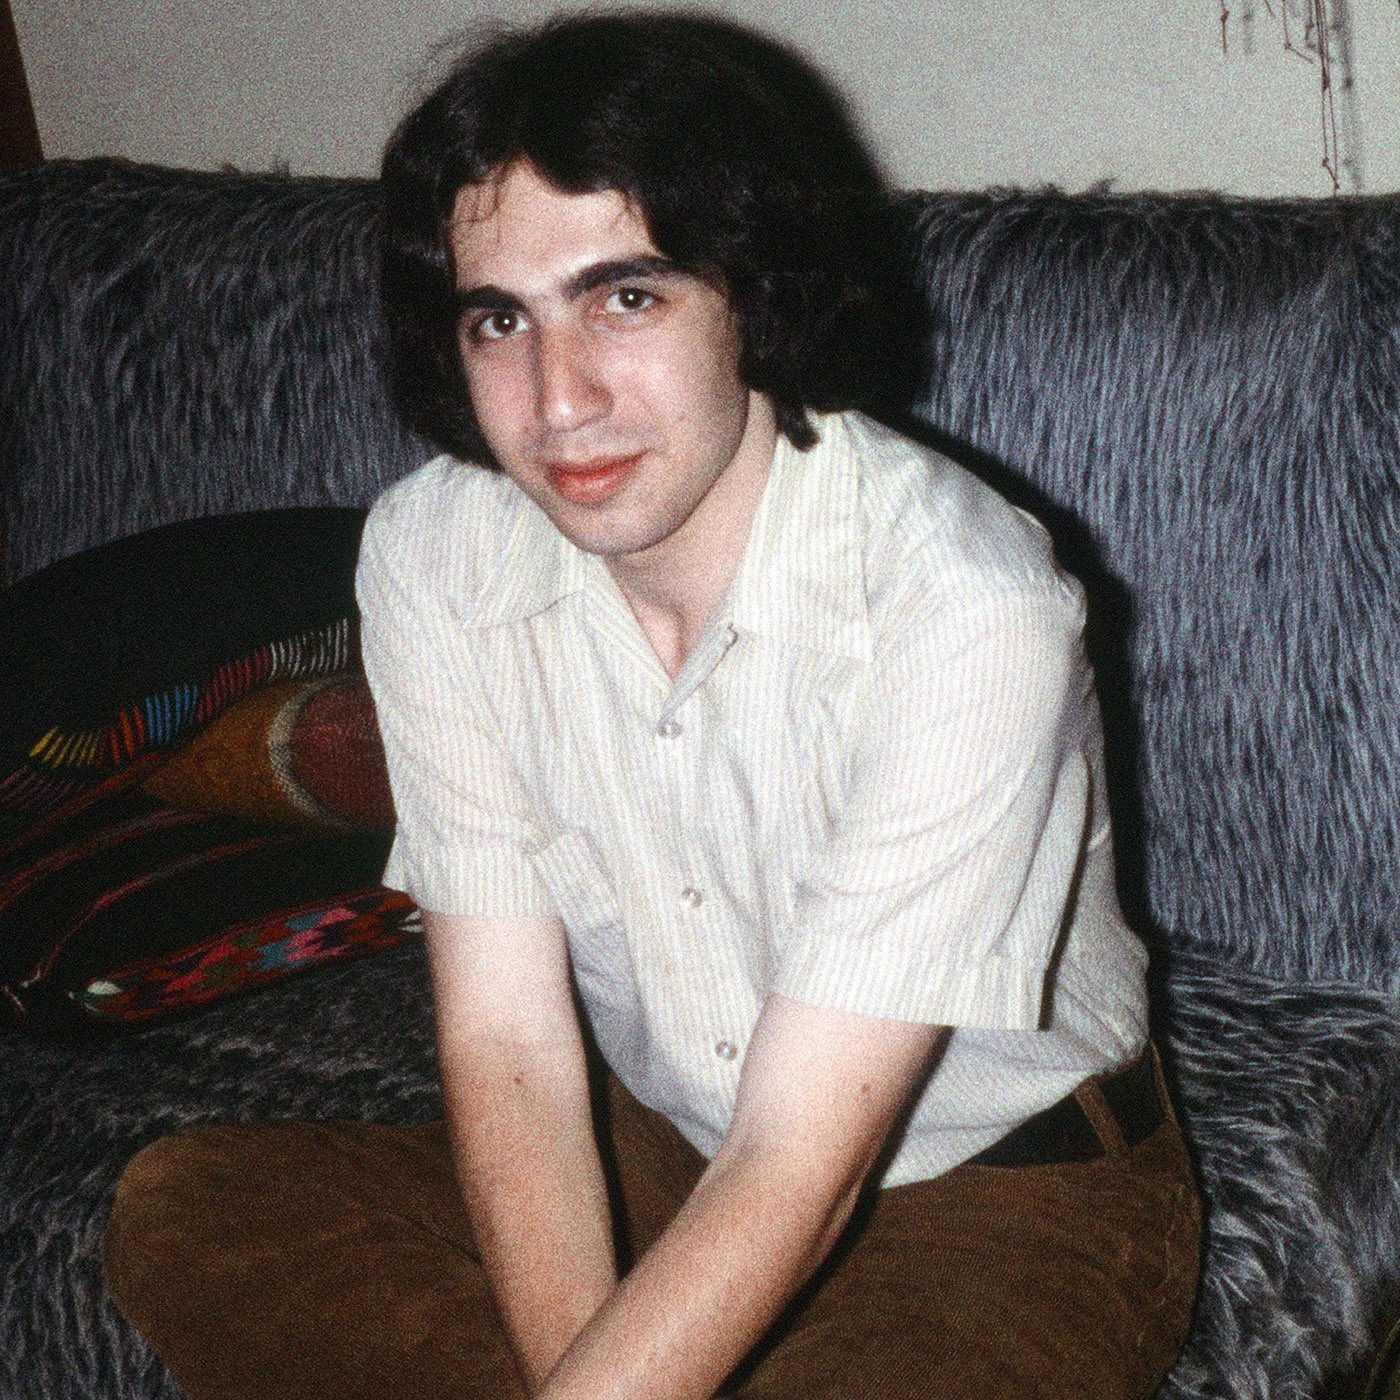 Carl in 1975